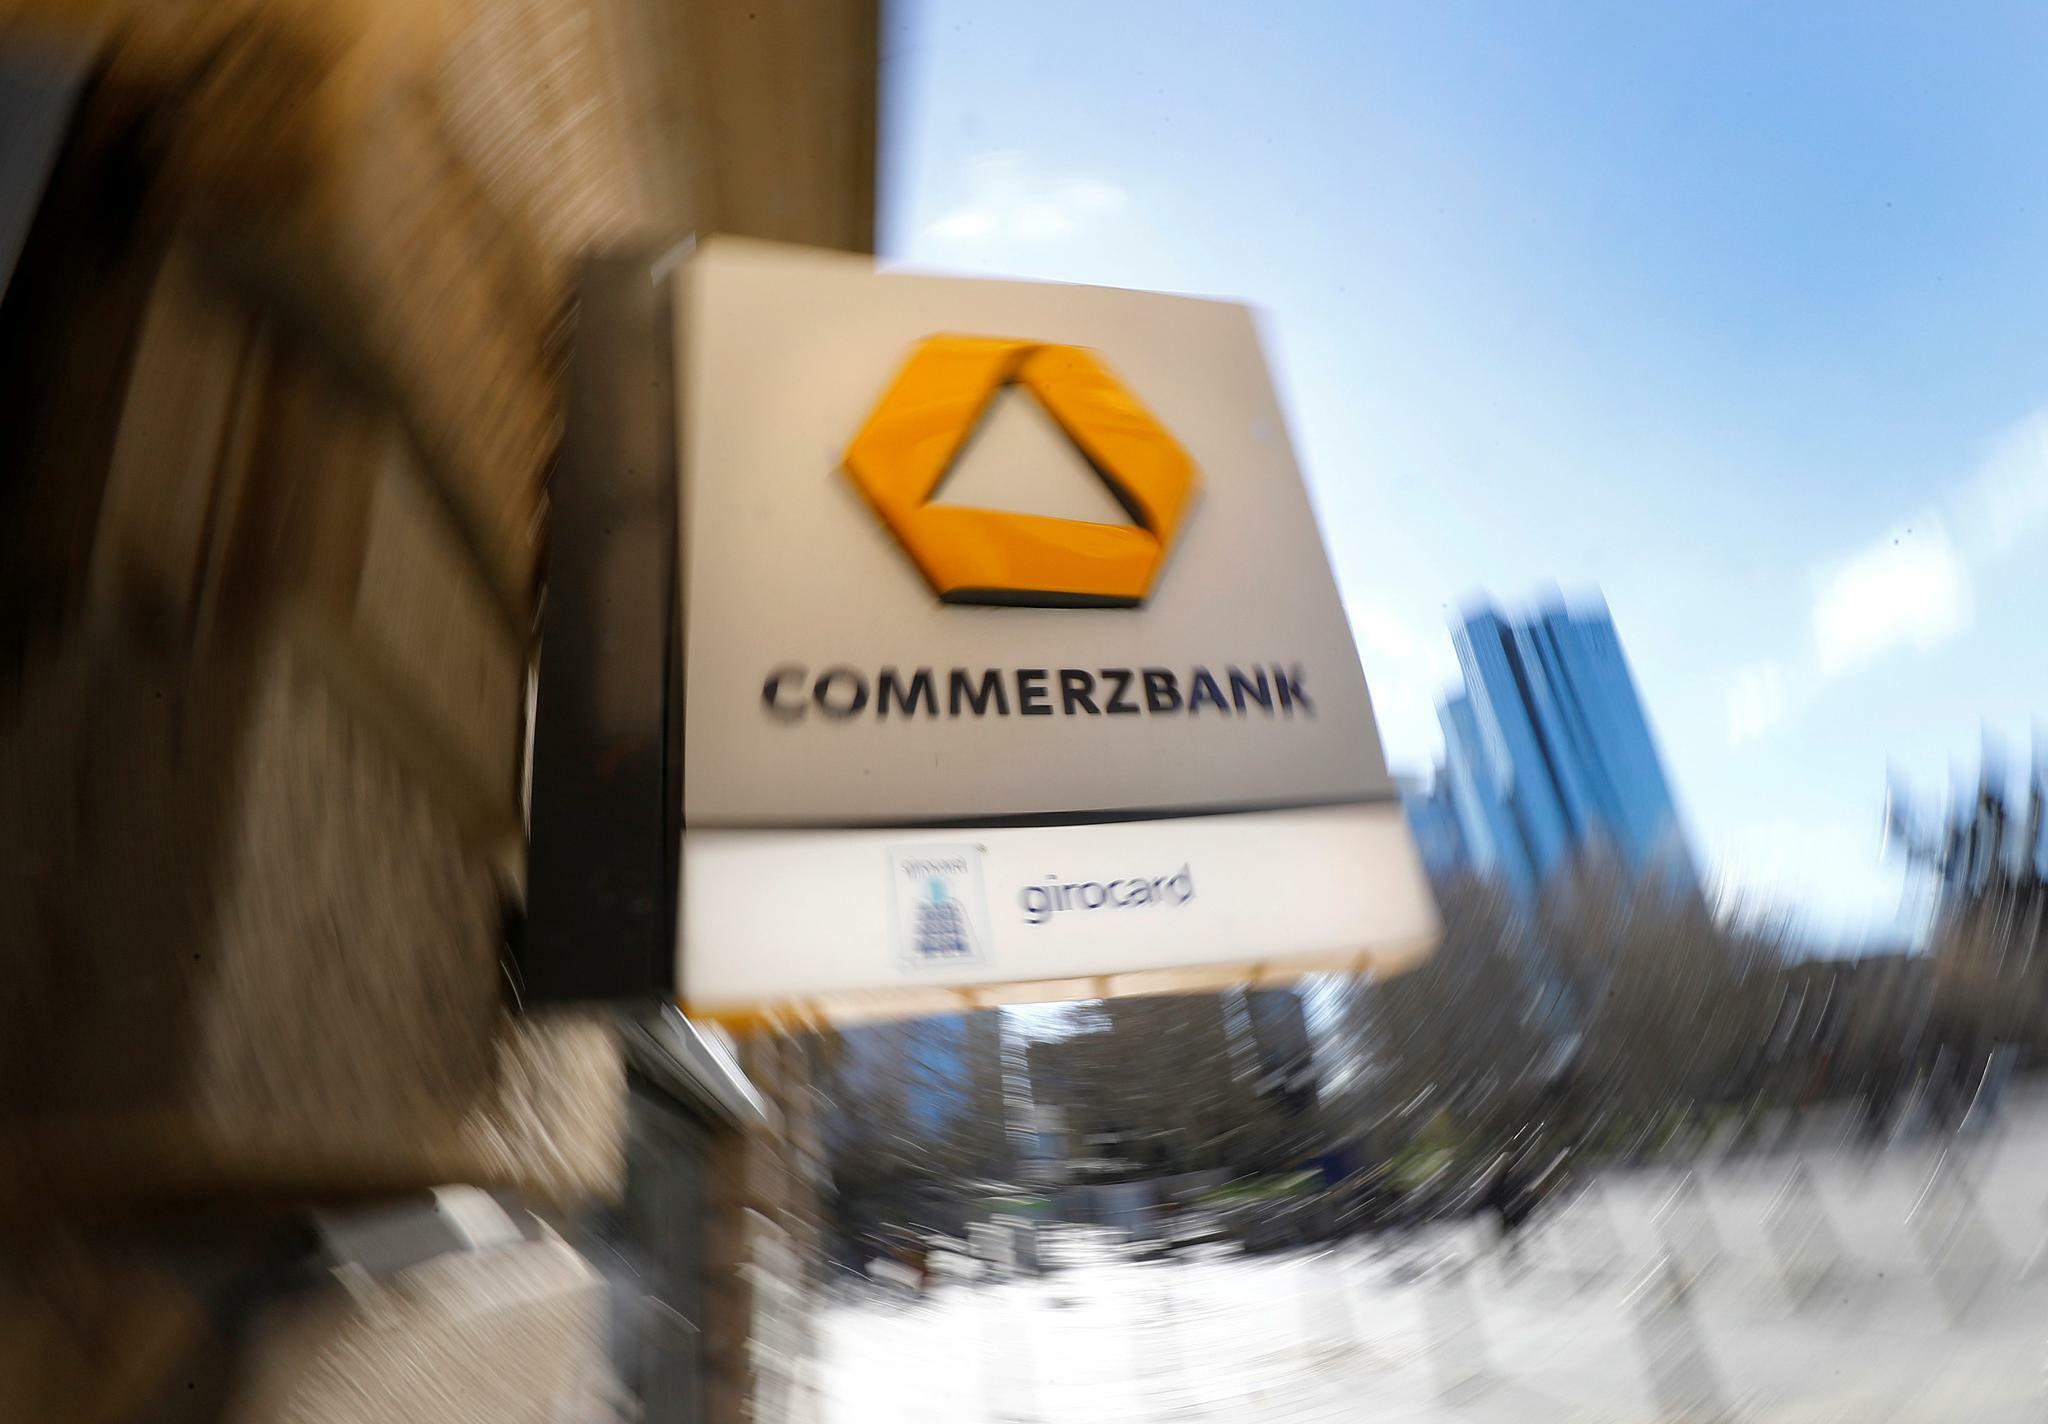 Banken in Deutschland: Mit wem die Commerzbank fusionieren könnte